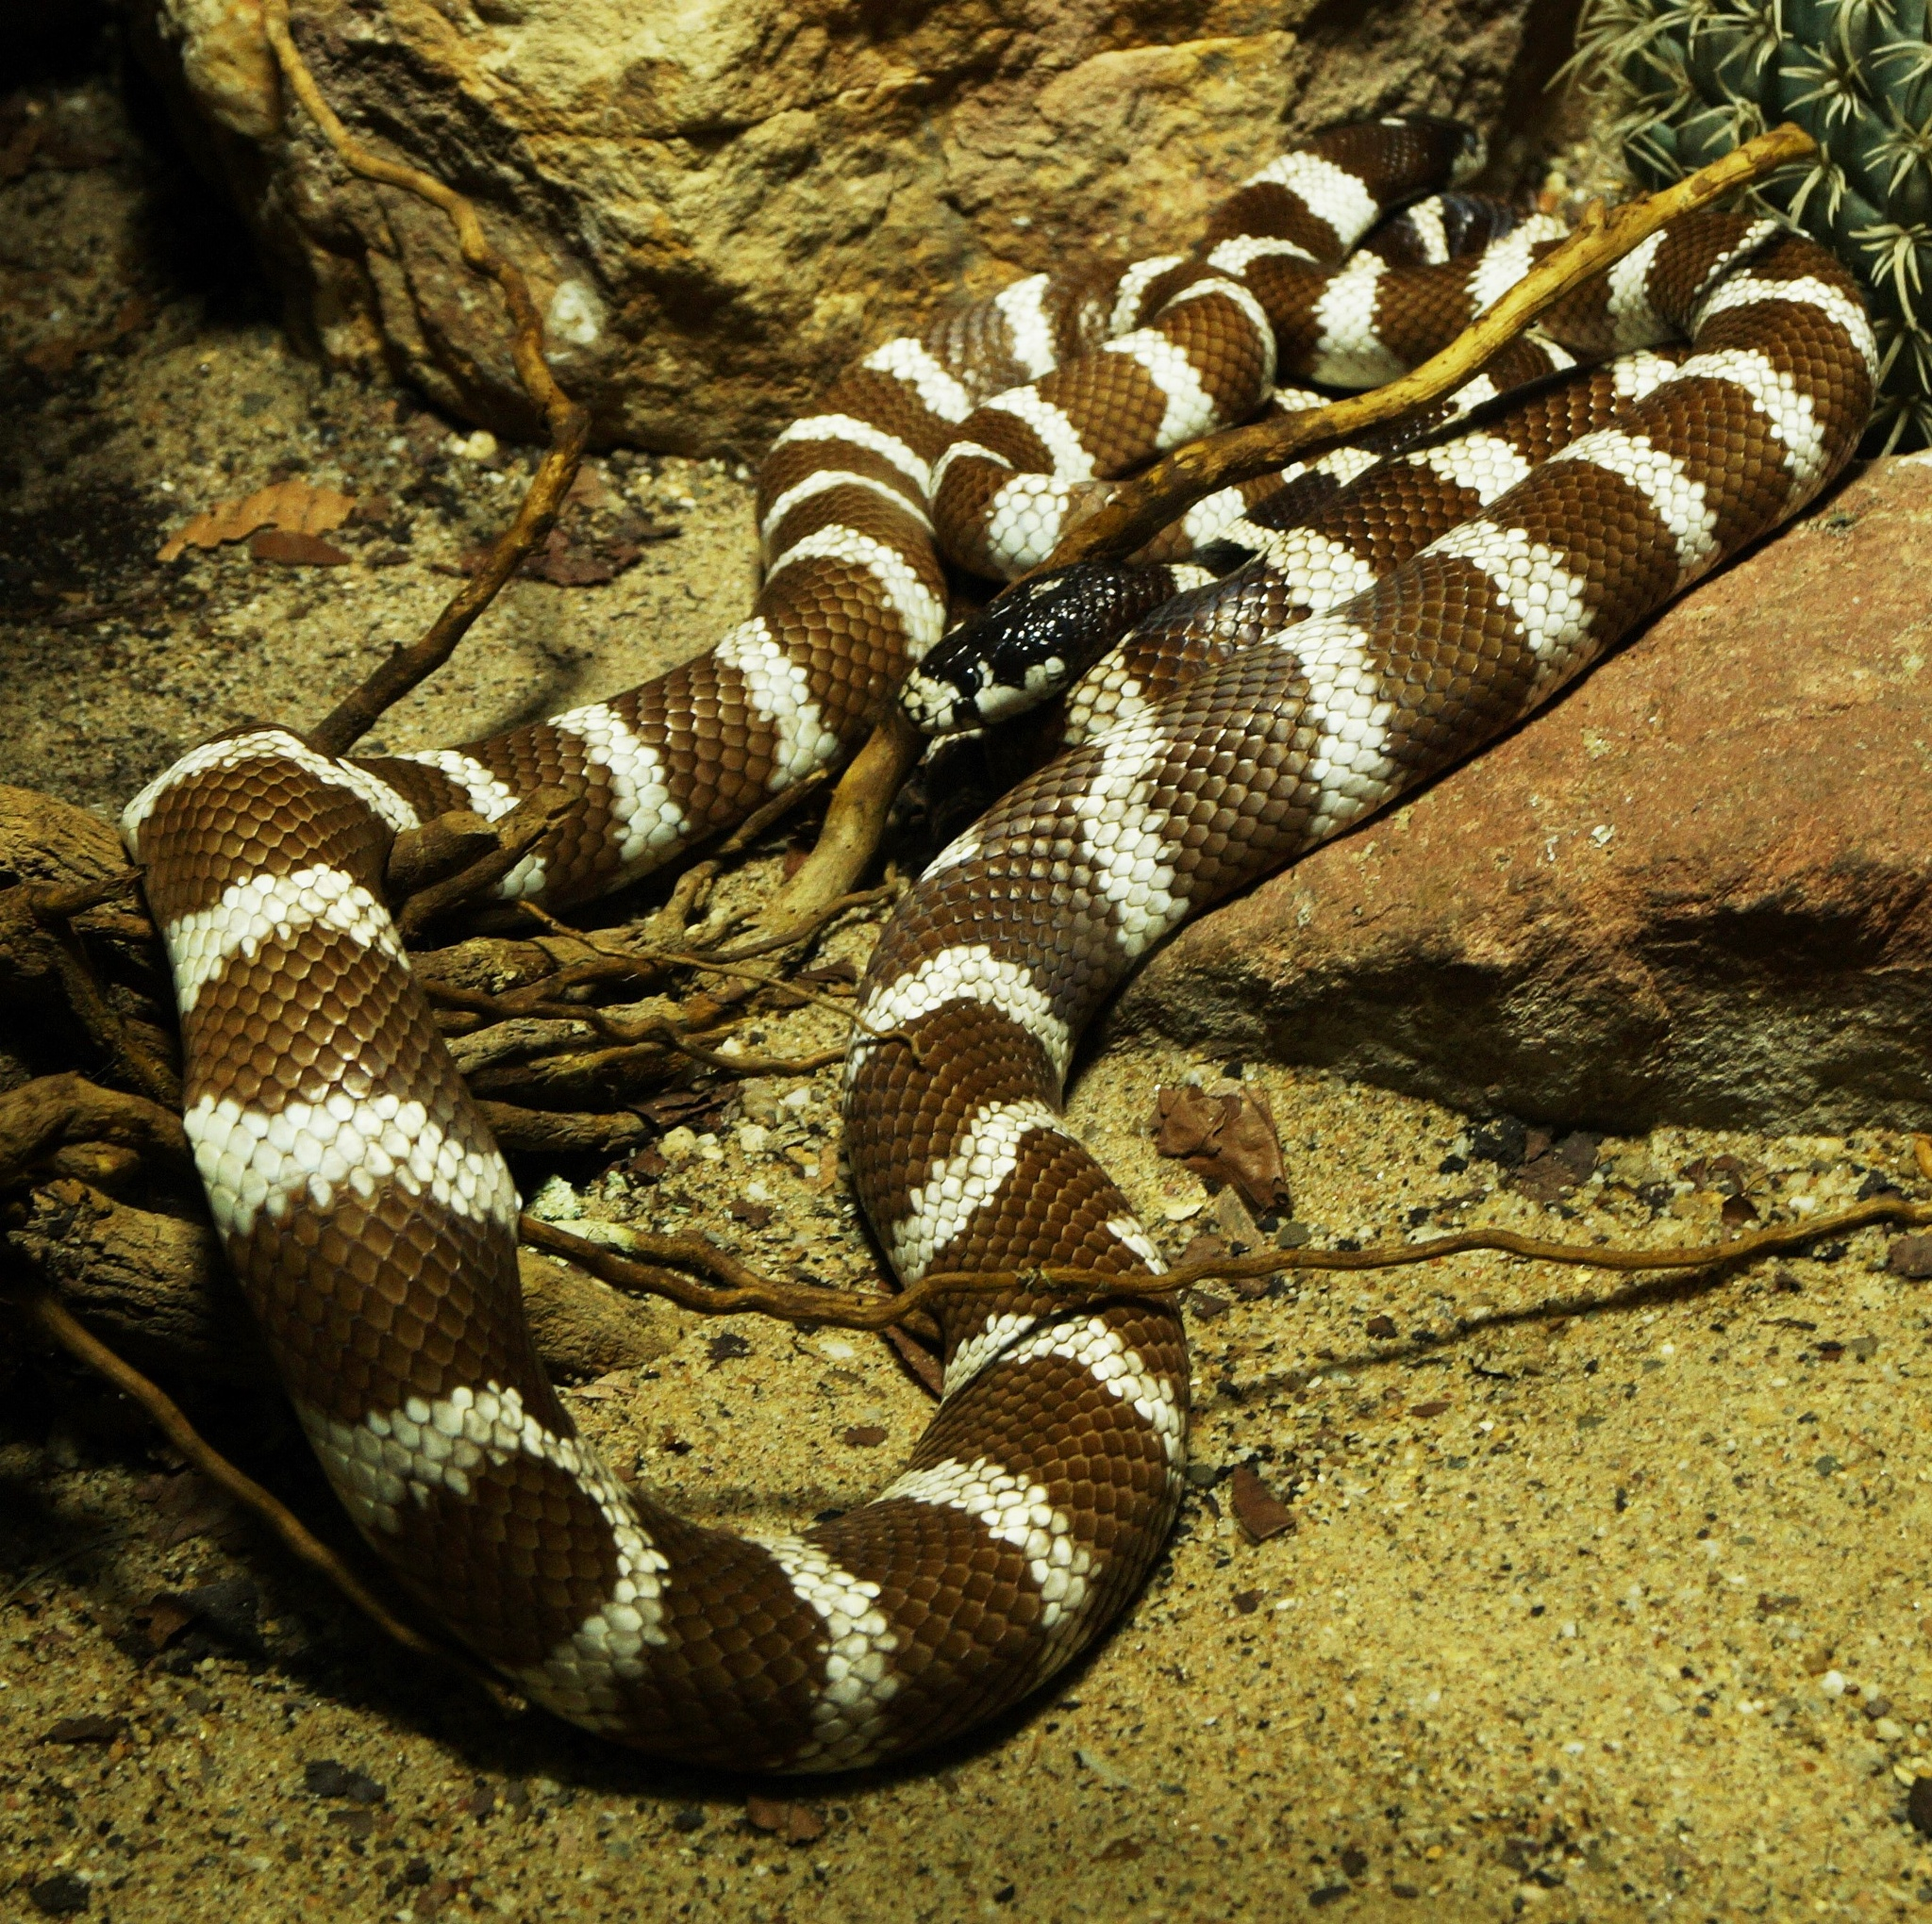 python by wilma van heusden